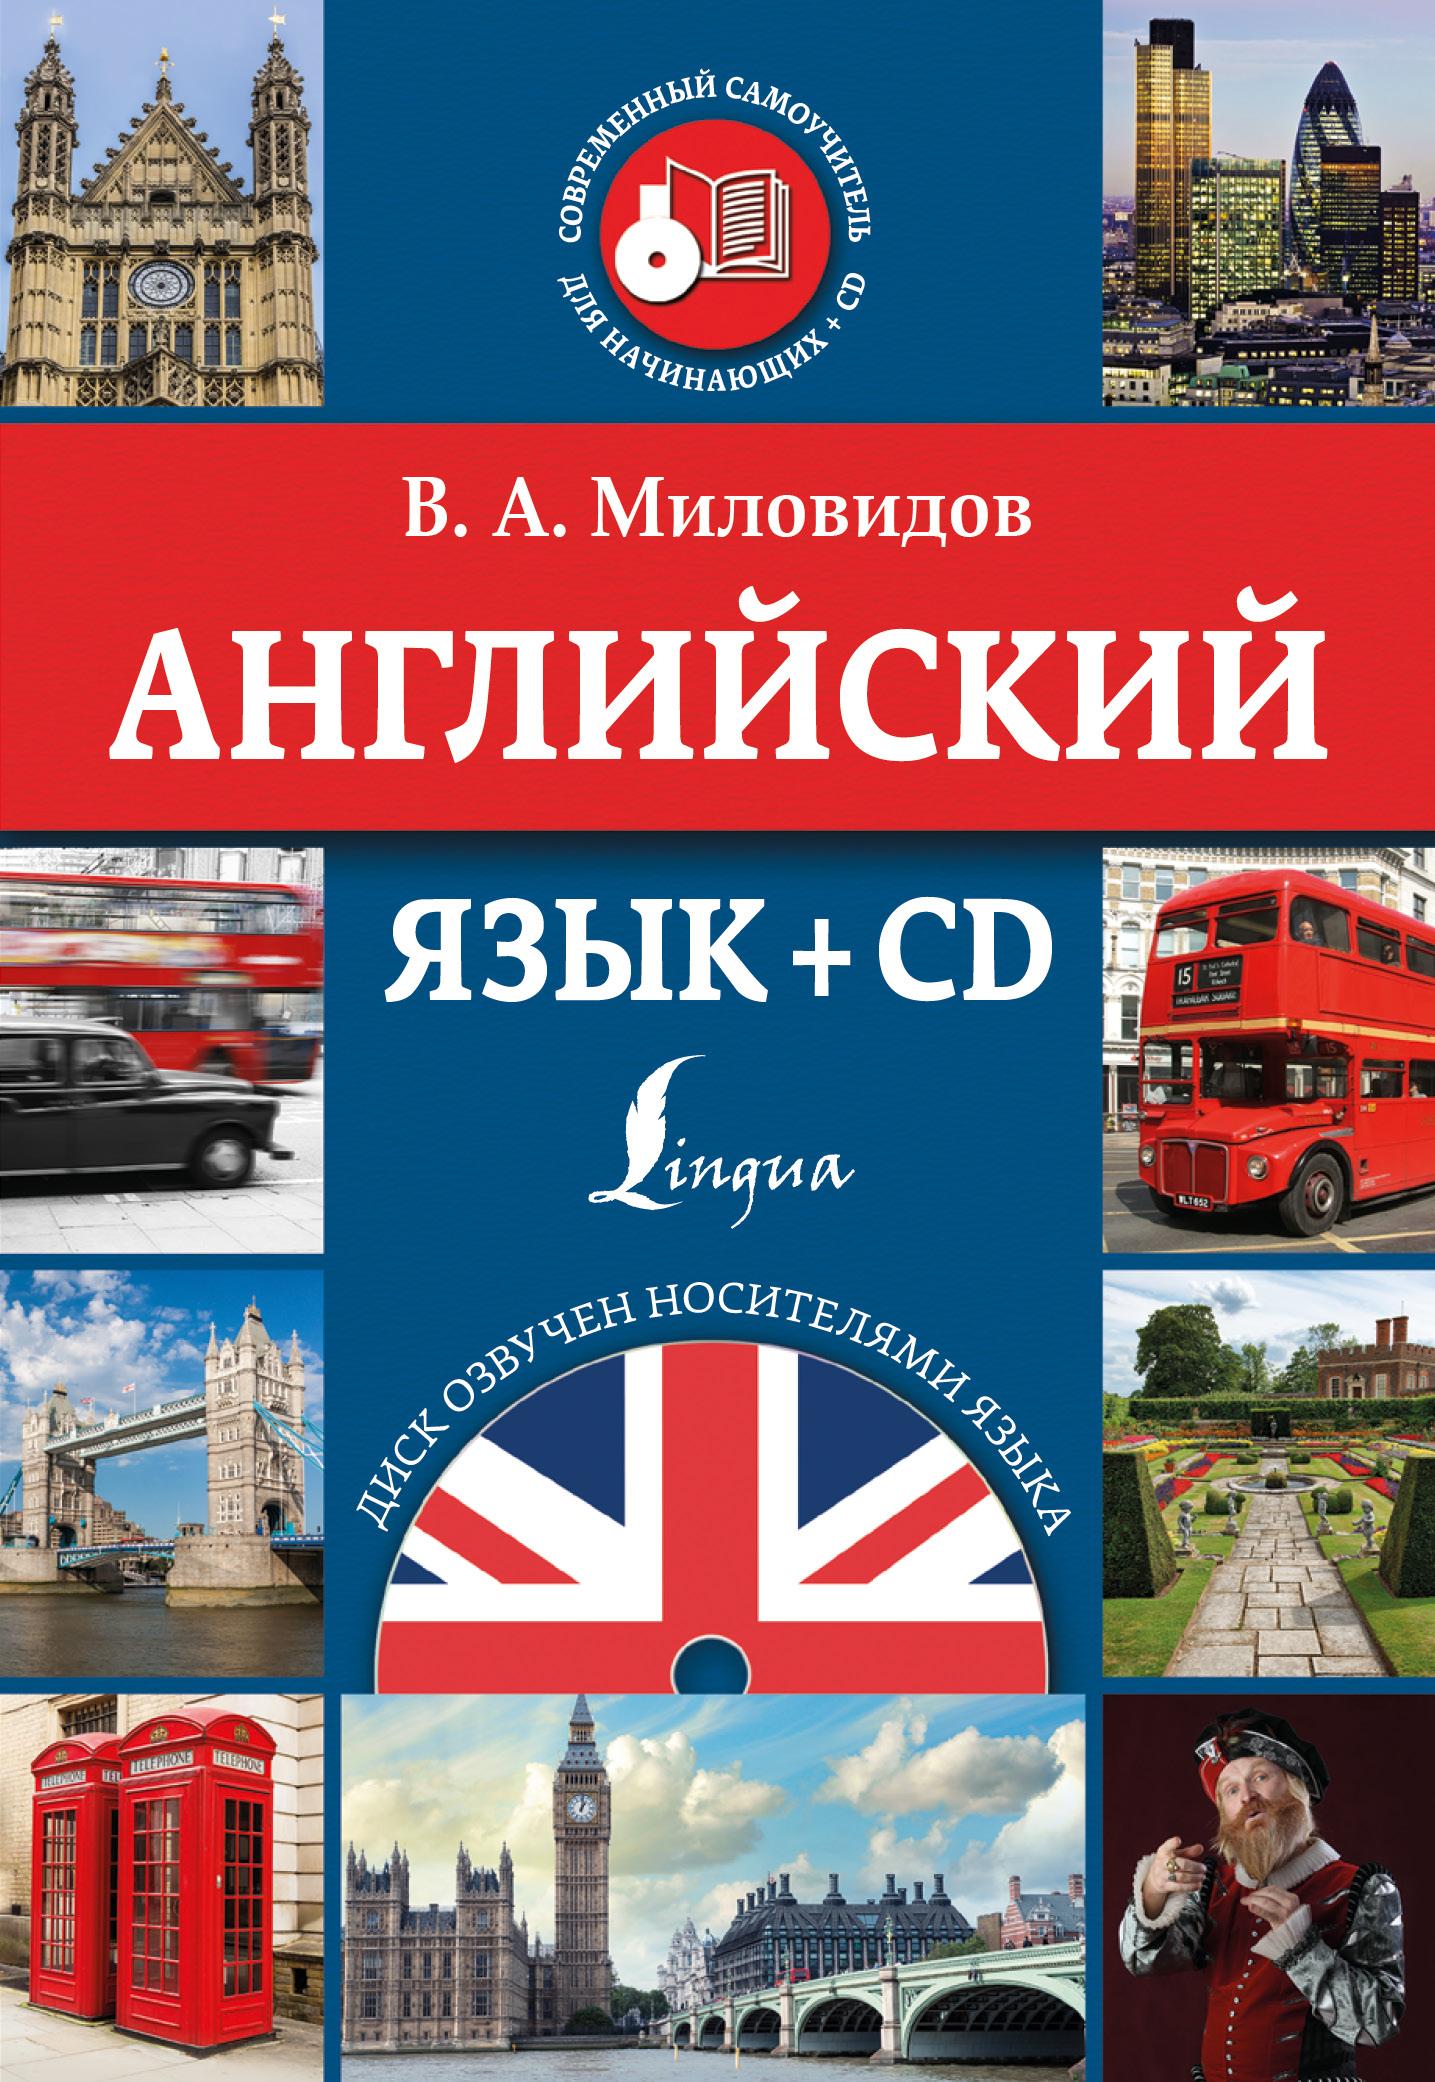 Миловидов В.А. Английский язык + CD книгу элементарный английский для всех